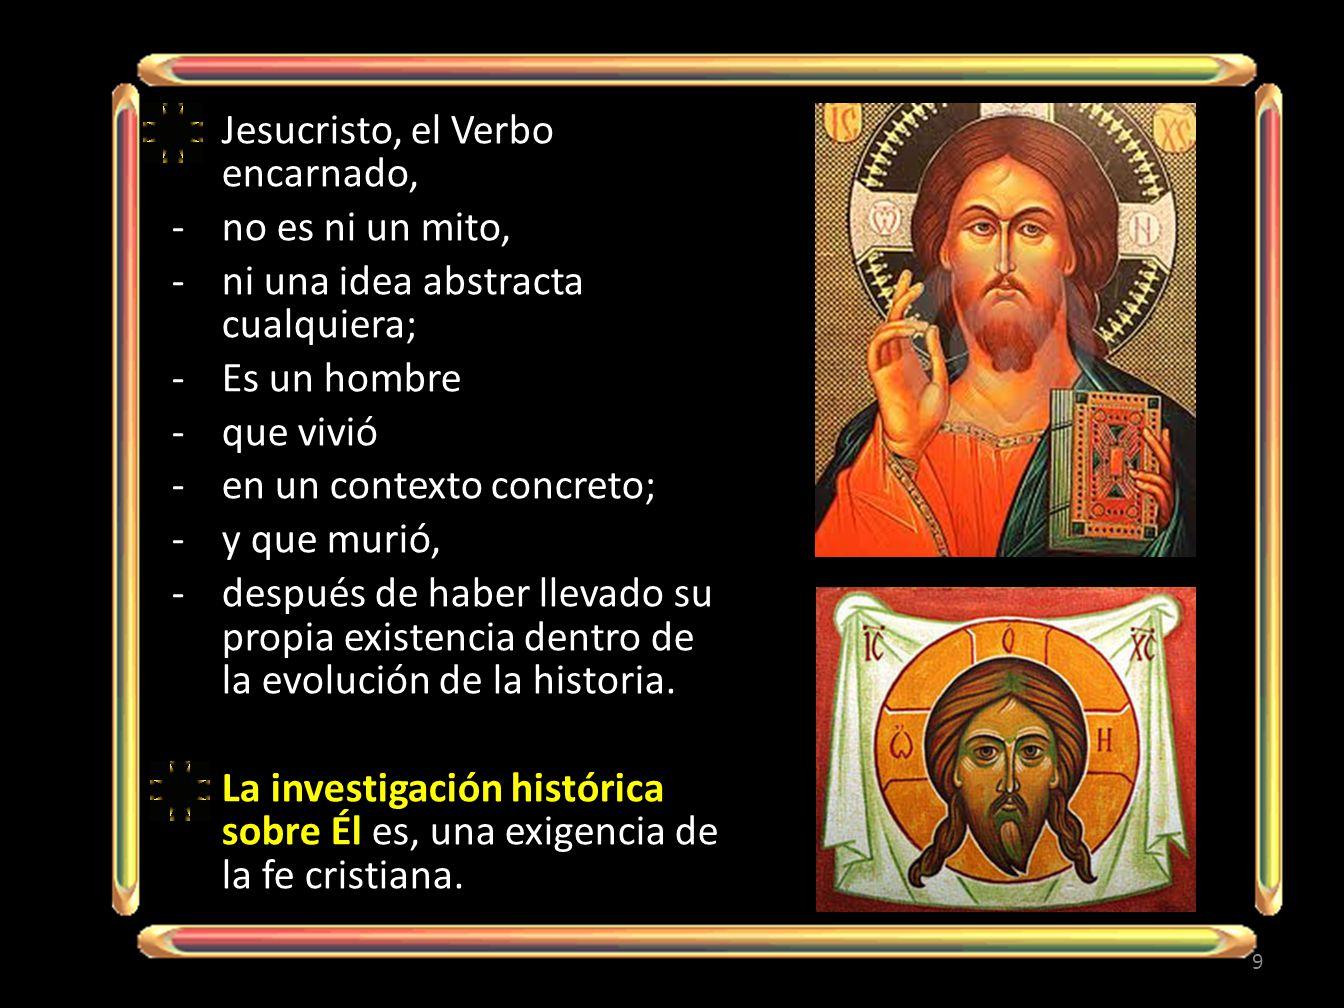 Jesucristo, el Verbo encarnado, -no es ni un mito, -ni una idea abstracta cualquiera; -Es un hombre -que vivió -en un contexto concreto; -y que murió, -después de haber llevado su propia existencia dentro de la evolución de la historia.